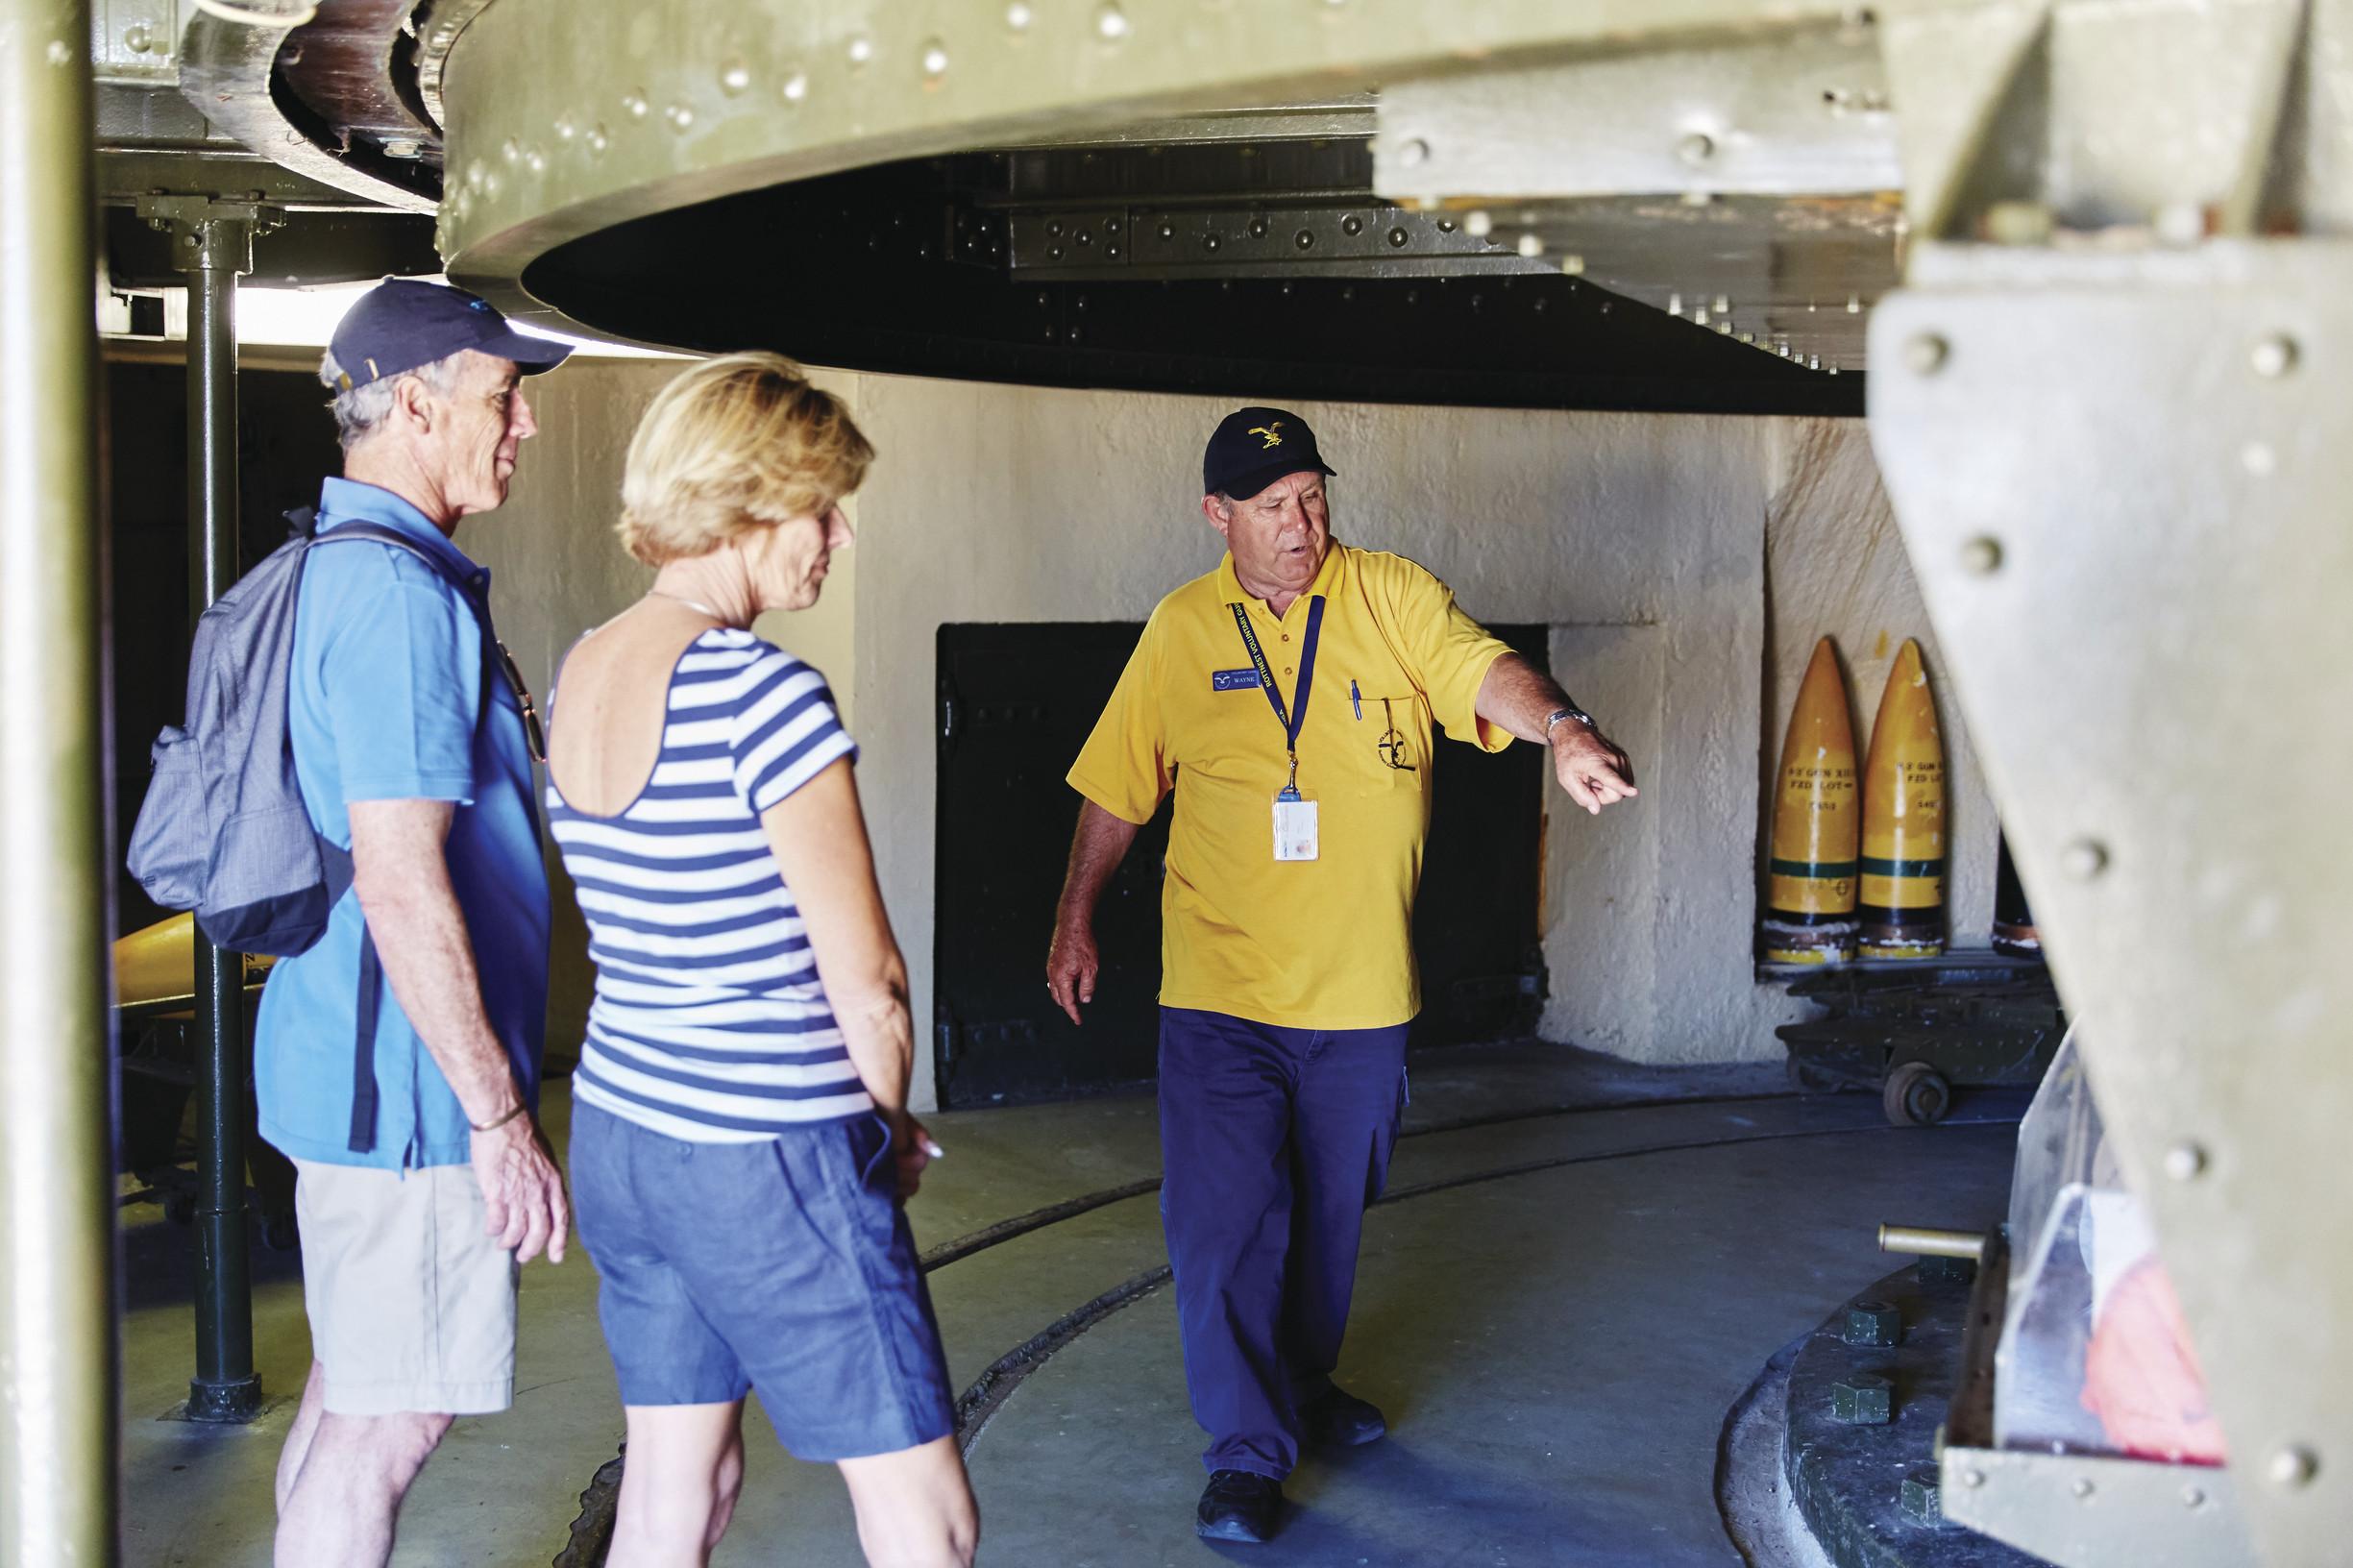 第二次世界大戦中に造られた砲台などが残るオリバー・ヒル・バッテリー